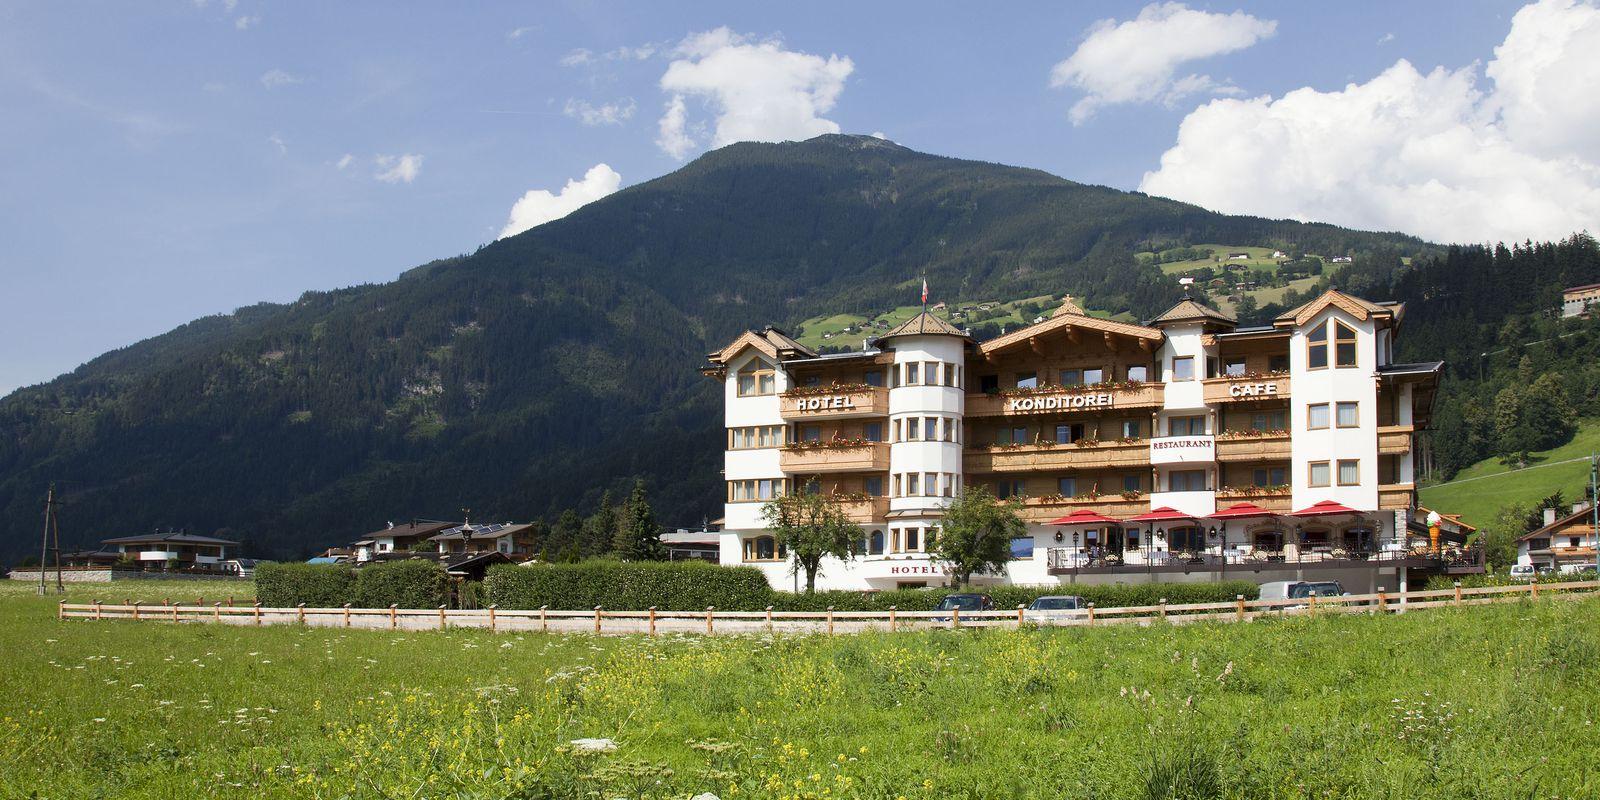 Hotel Riedl Stumm Zillertal mit Umgebung